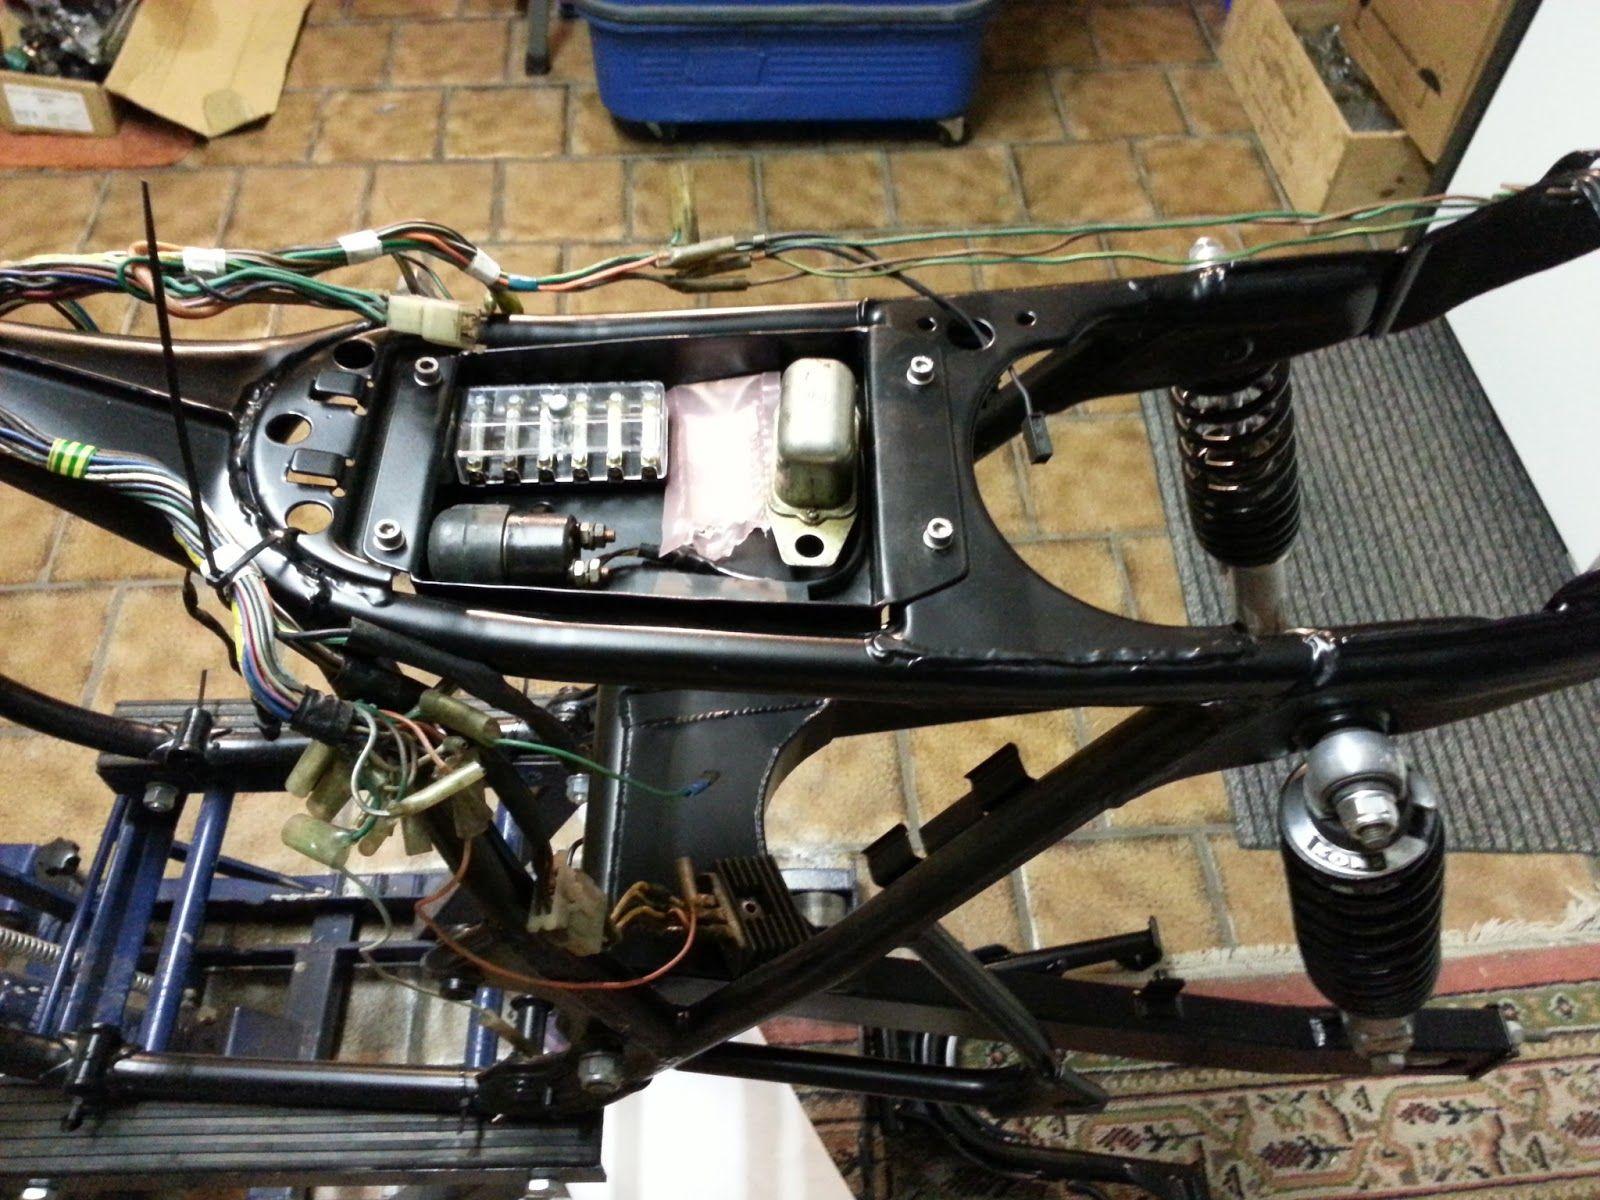 Honda Nighthawk 550 Wiring Diagram On Cafe Cb550 Wiring Diagram